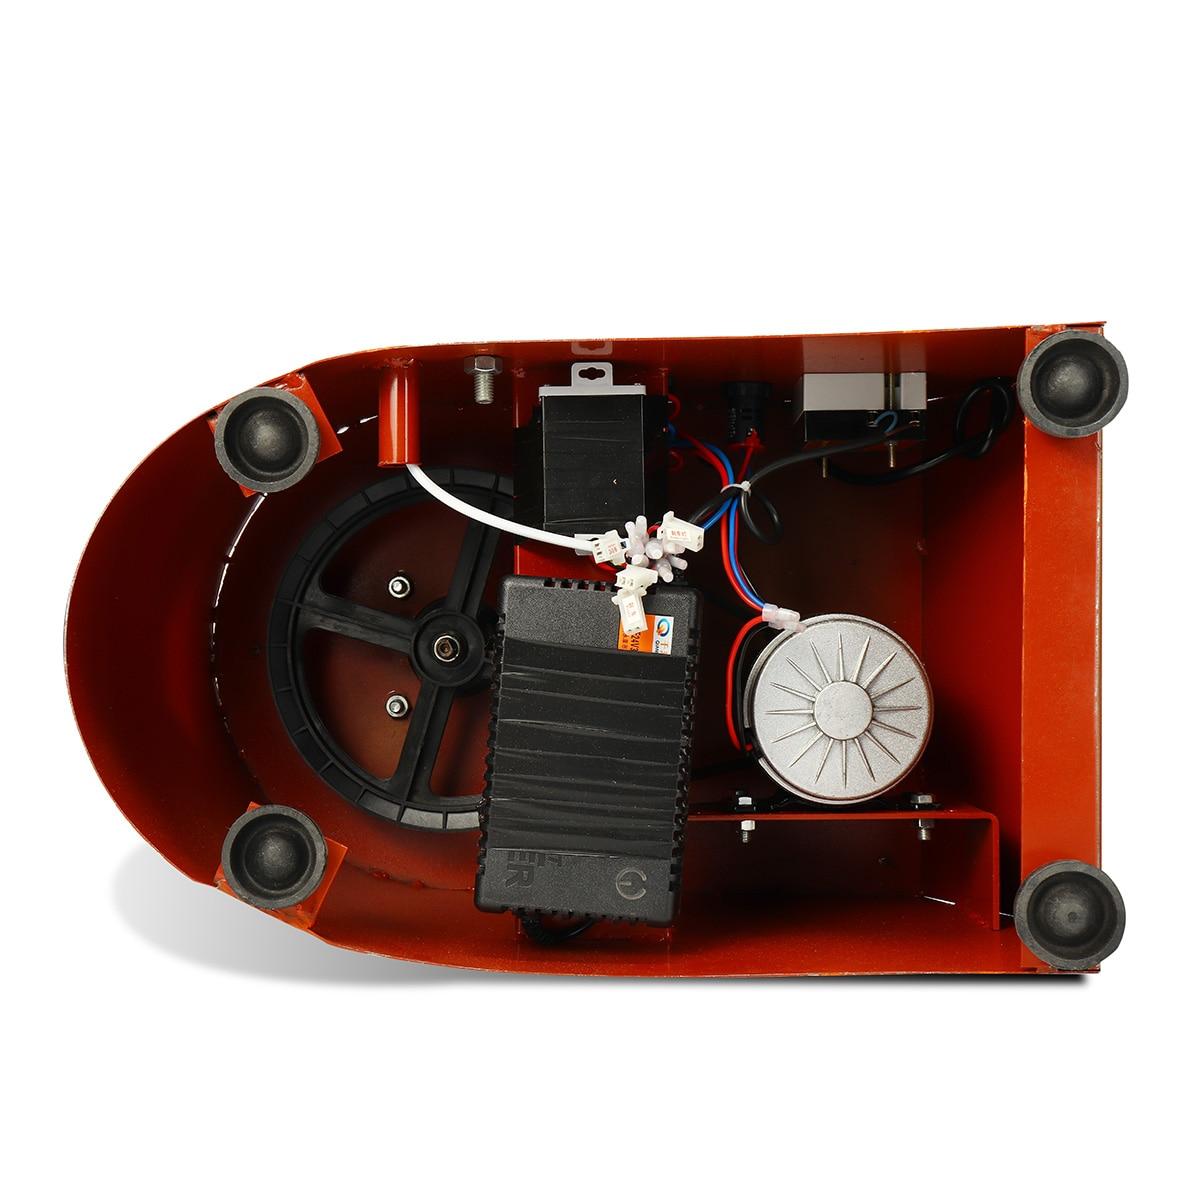 25 cm AC 110 V/220 V poterie roue Machine céramique travail céramique argile Art avec pédale Mobile métal + alliage d'aluminium 42x52x35 cm - 6